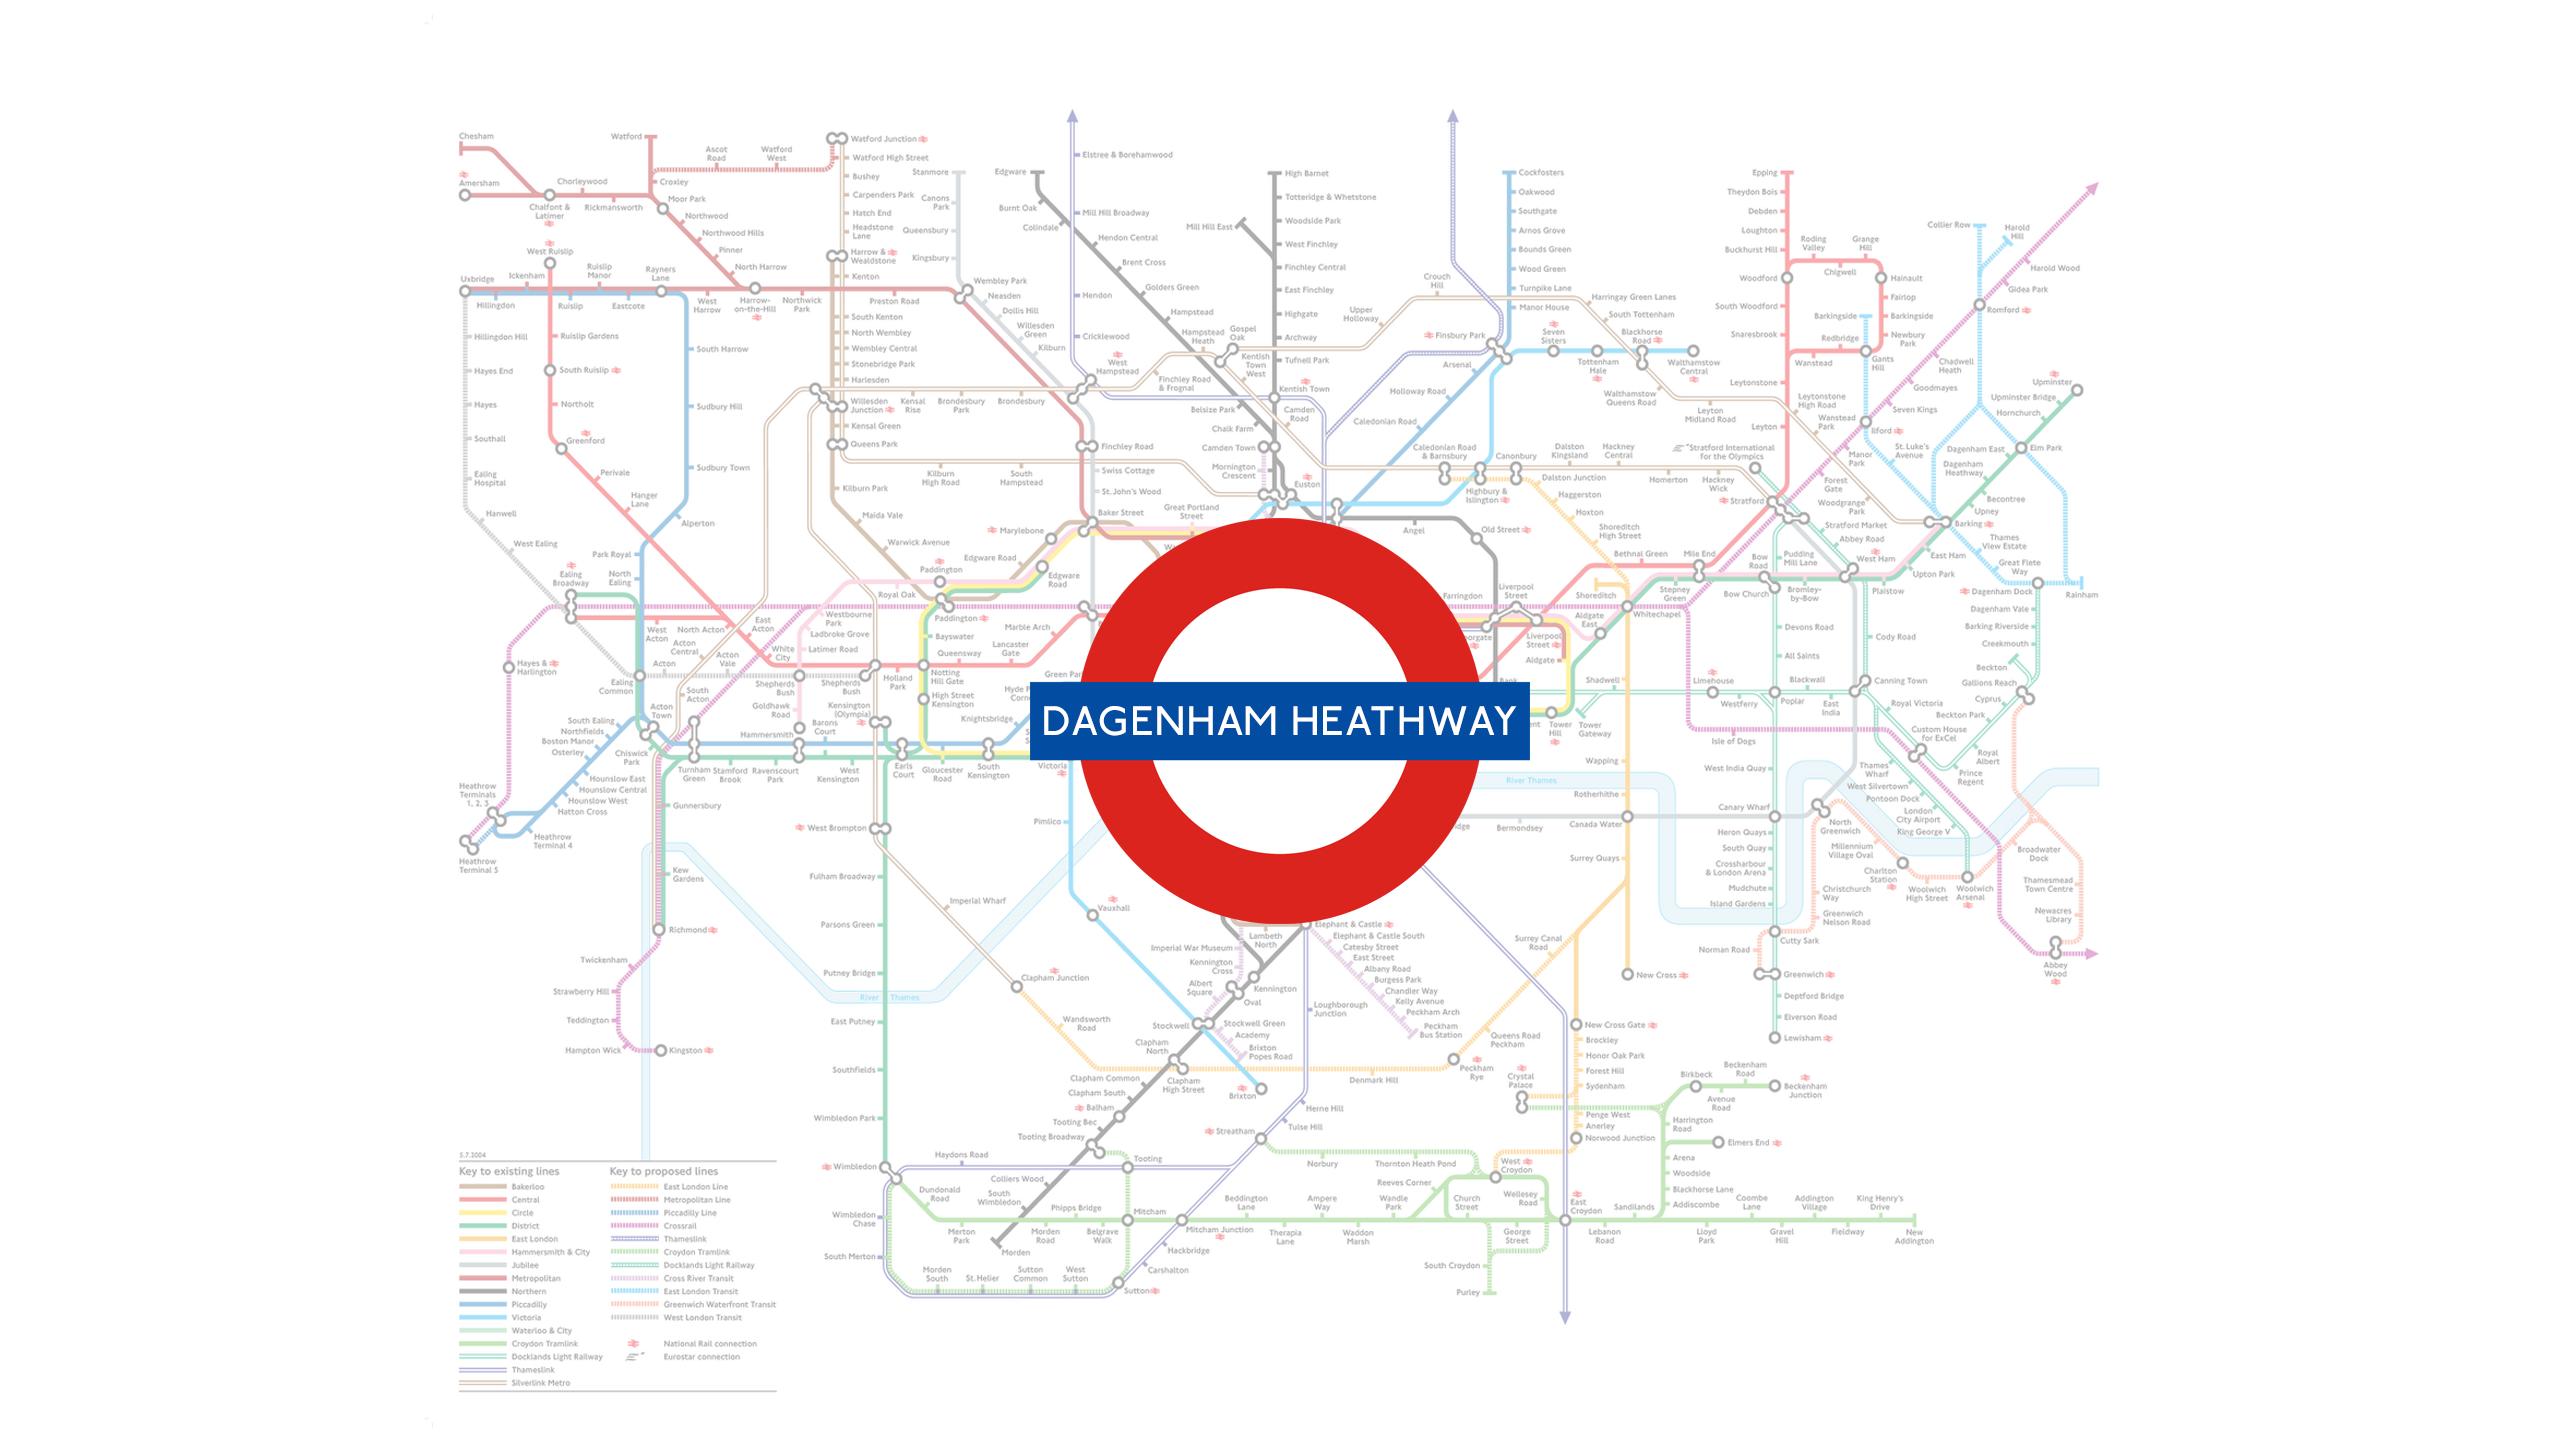 Dagenham Heathway (Map)